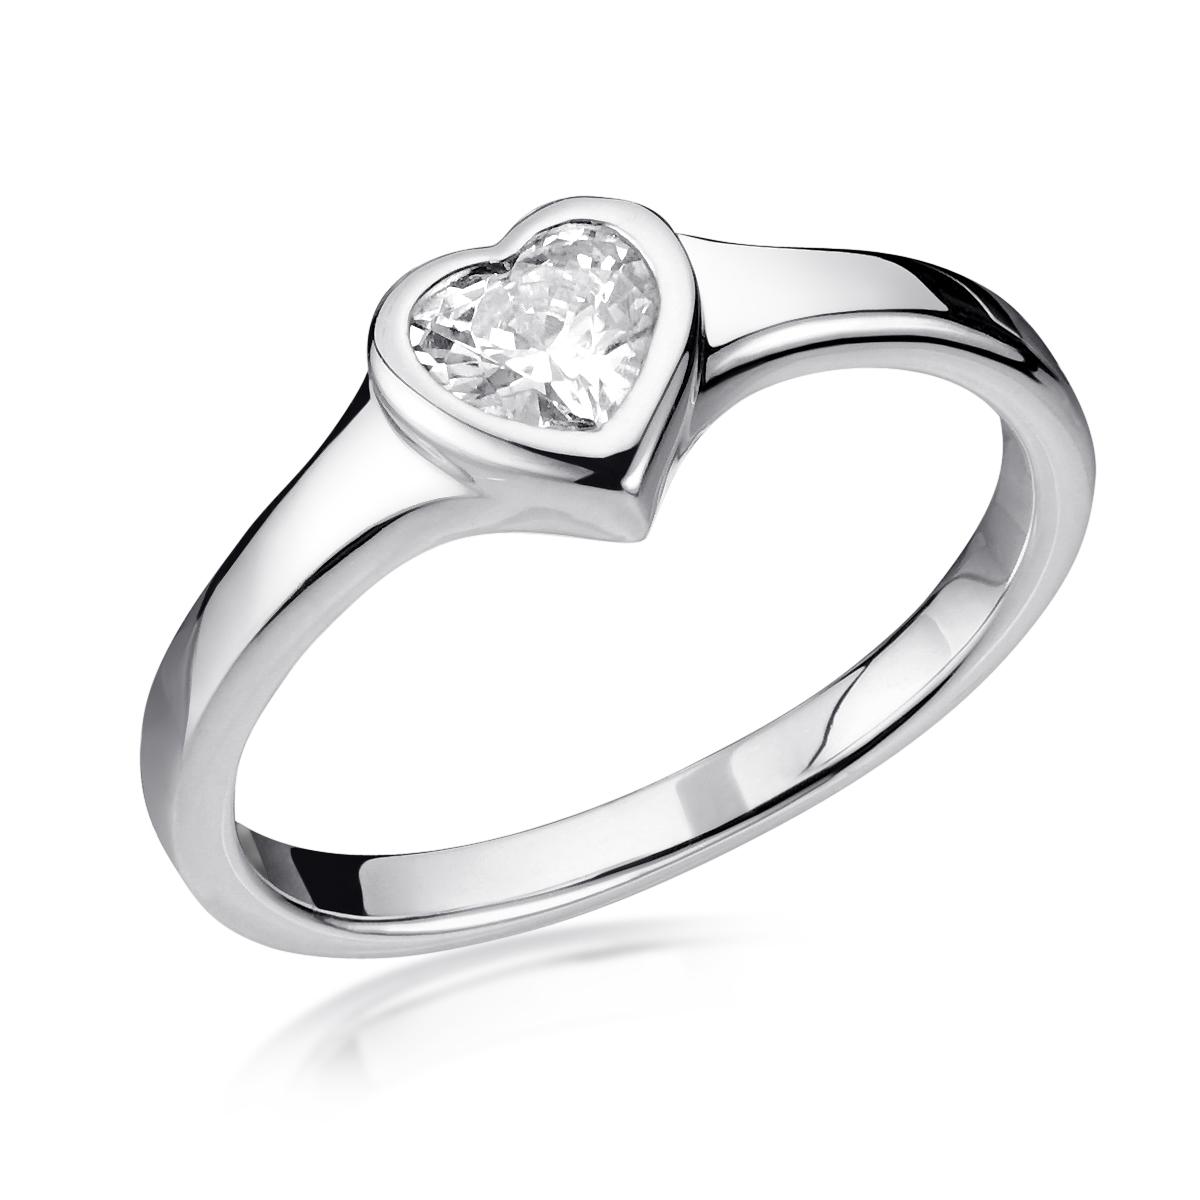 MATERIA Damen Ring Herz Zirkonia weiß aus 925 Sterling Silber